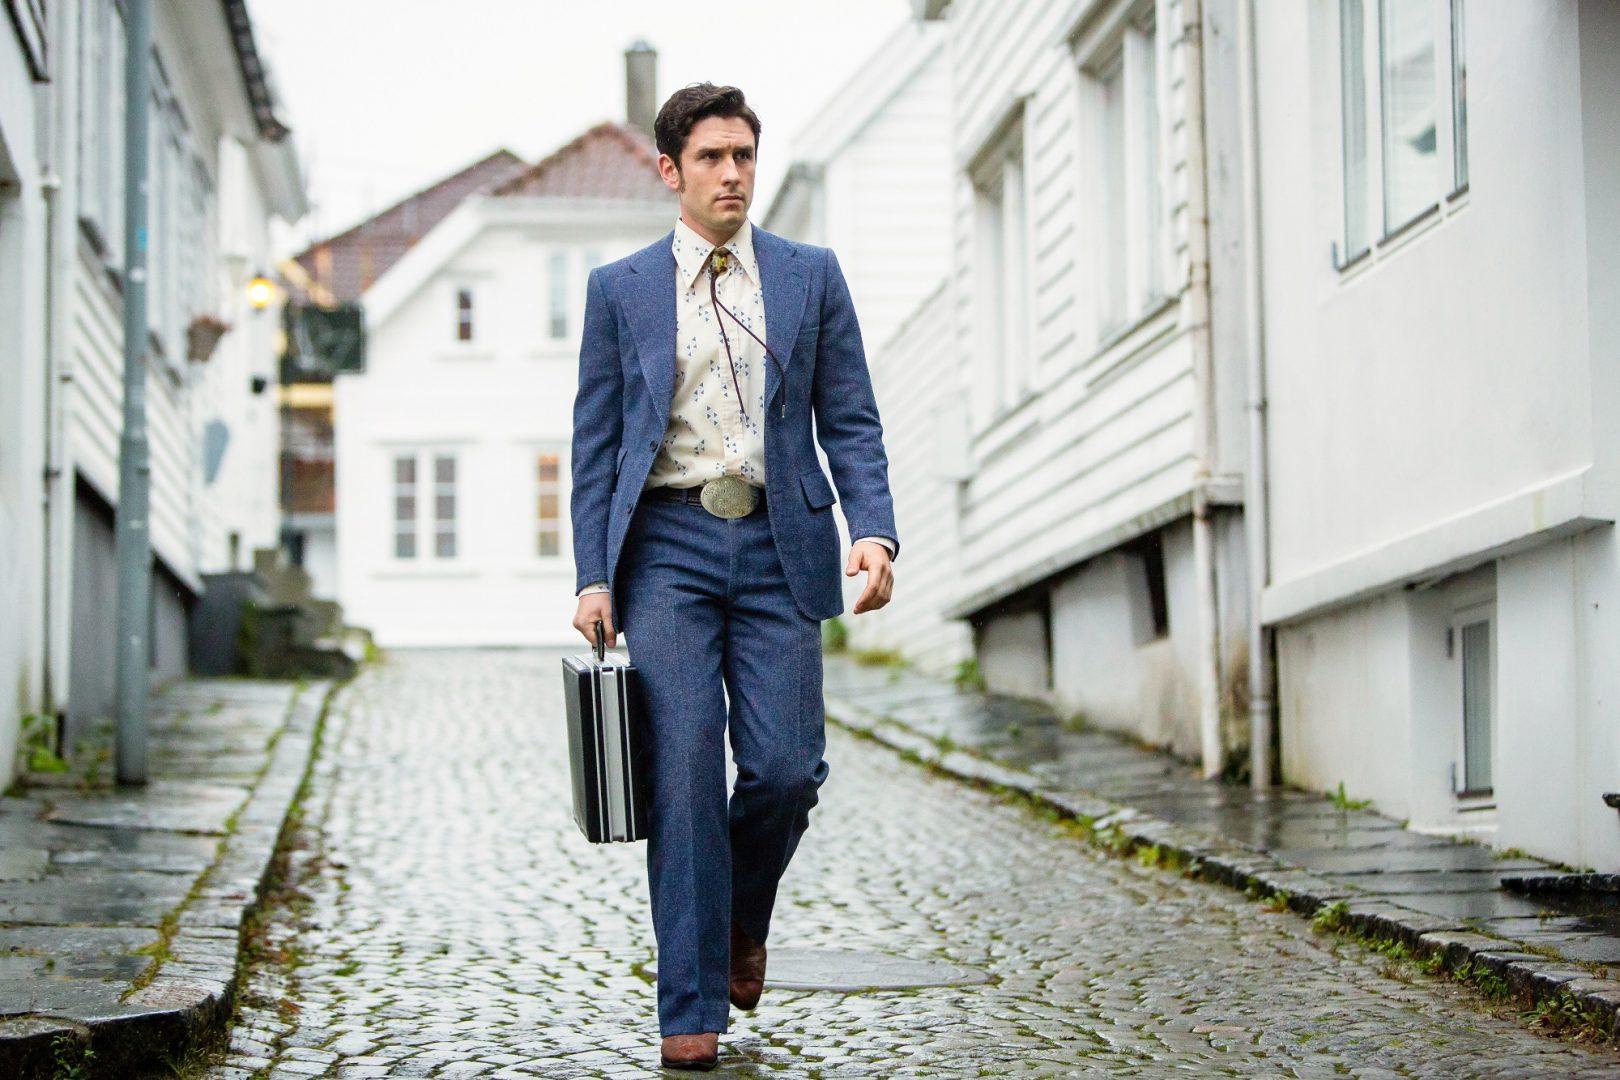 Foto: Marius Vervik, Maipo Film/NRK